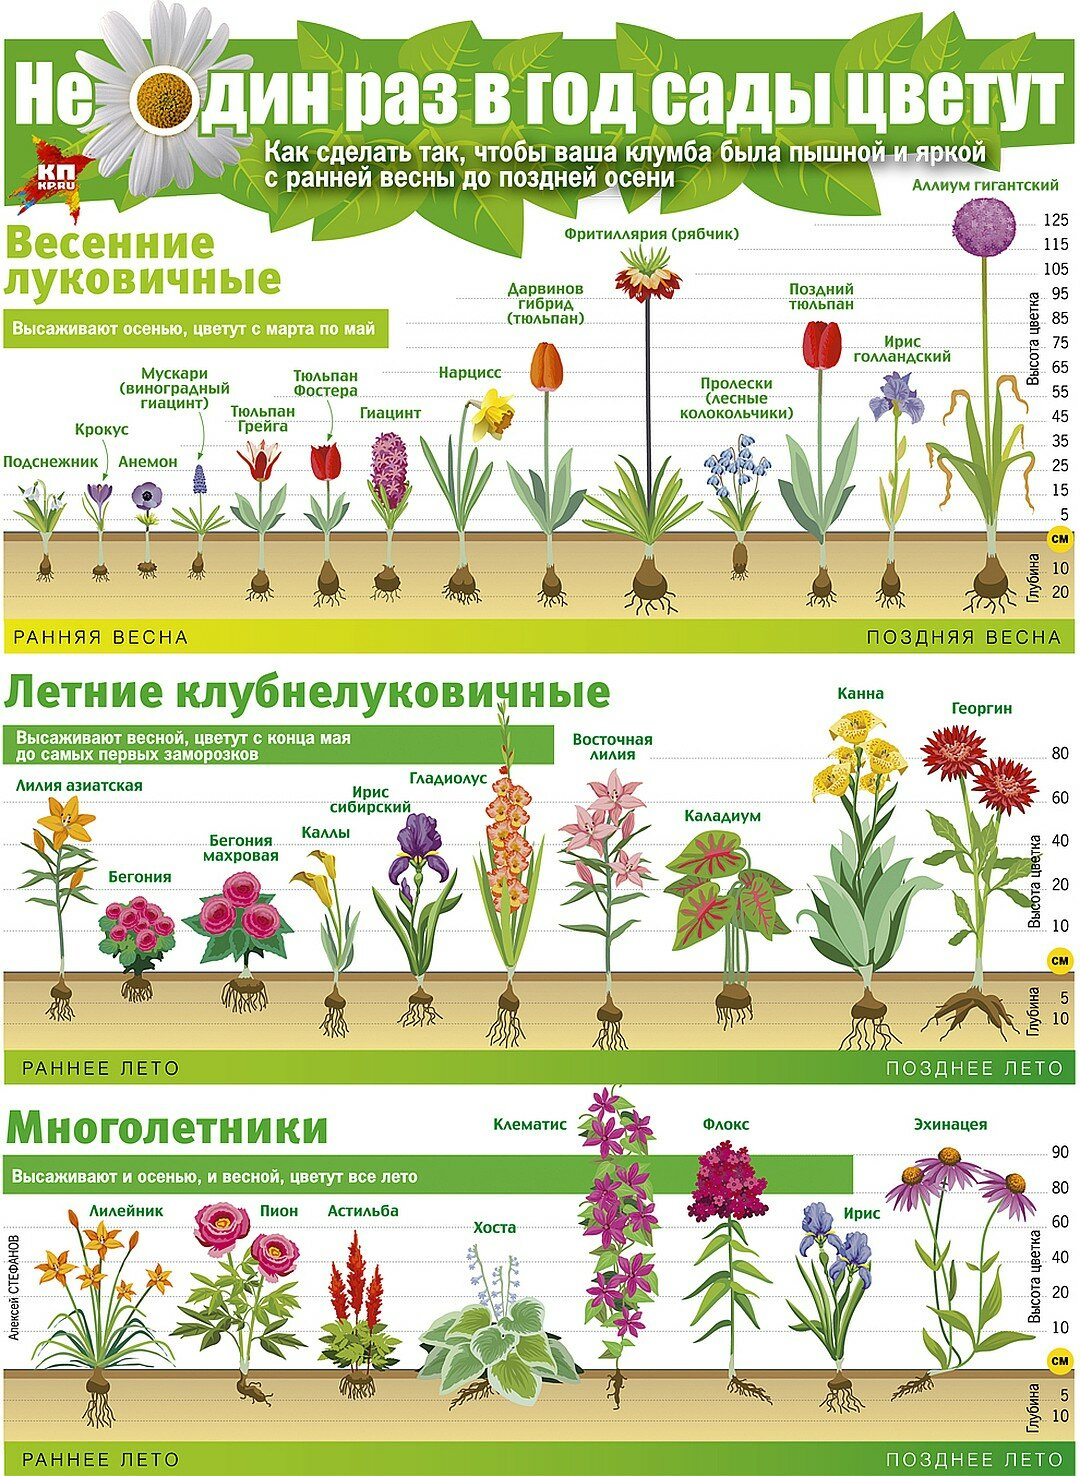 Необходимые условия содержания педилантуса дома: варианты обрезки и цветения